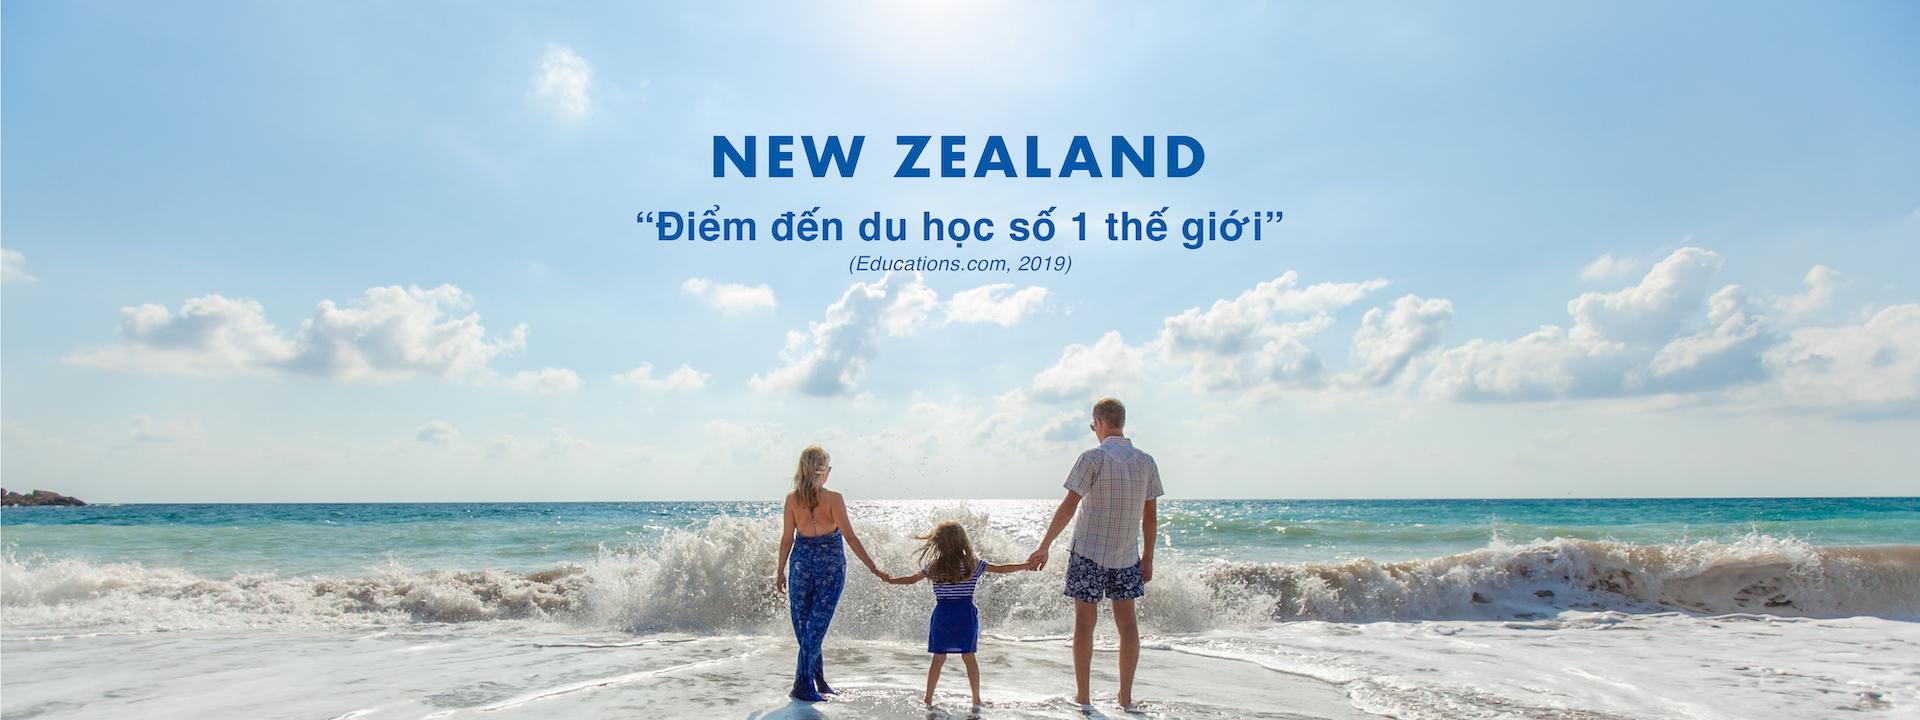 New Zealand - điểm đến du học số 1 thế giới